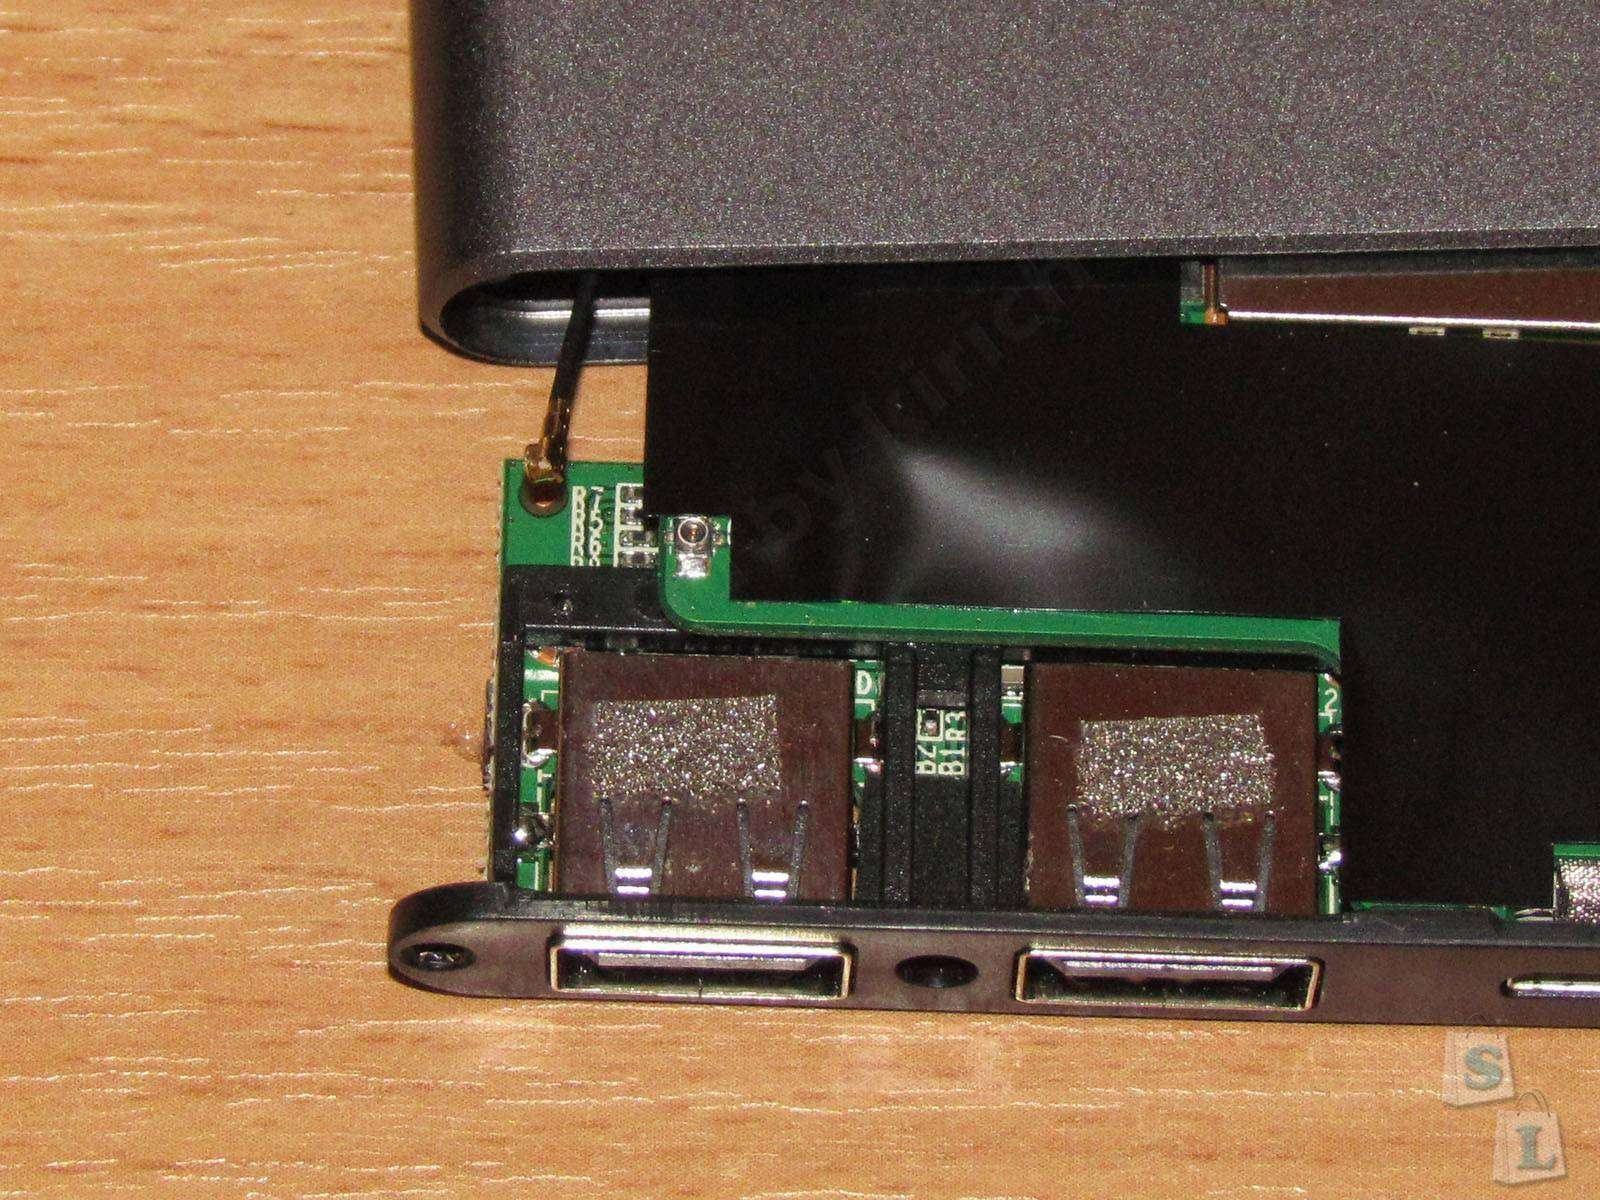 GearBest: Pocket P1, мини компьютер, соизмеримый по размерам со смартфоном.